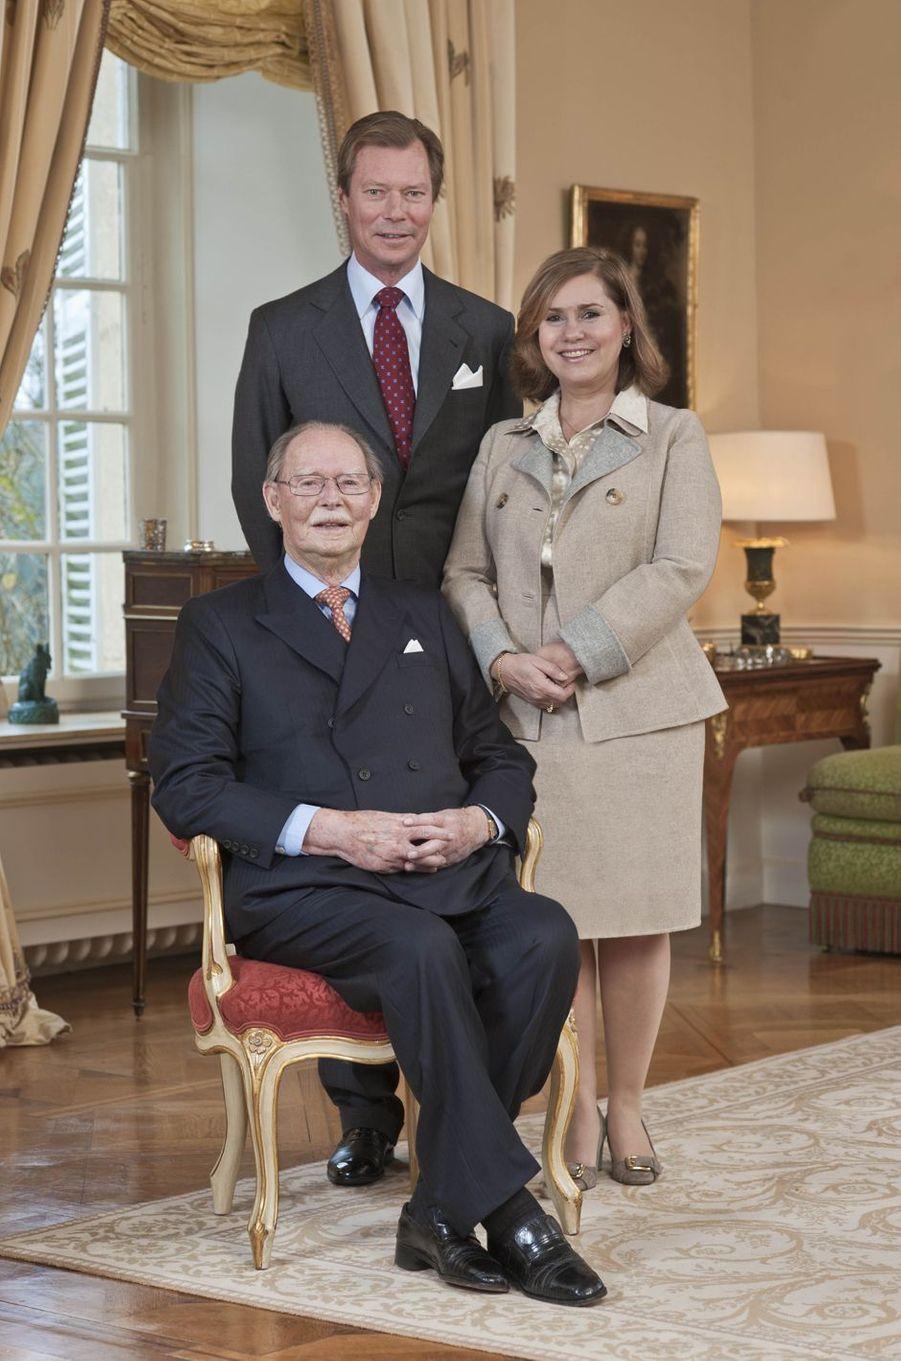 L'ex-grand-duc Jean de Luxembourg avec le grand-duc Henri et la grande-duchesse Maria Teresa, le 29 novembre 2010